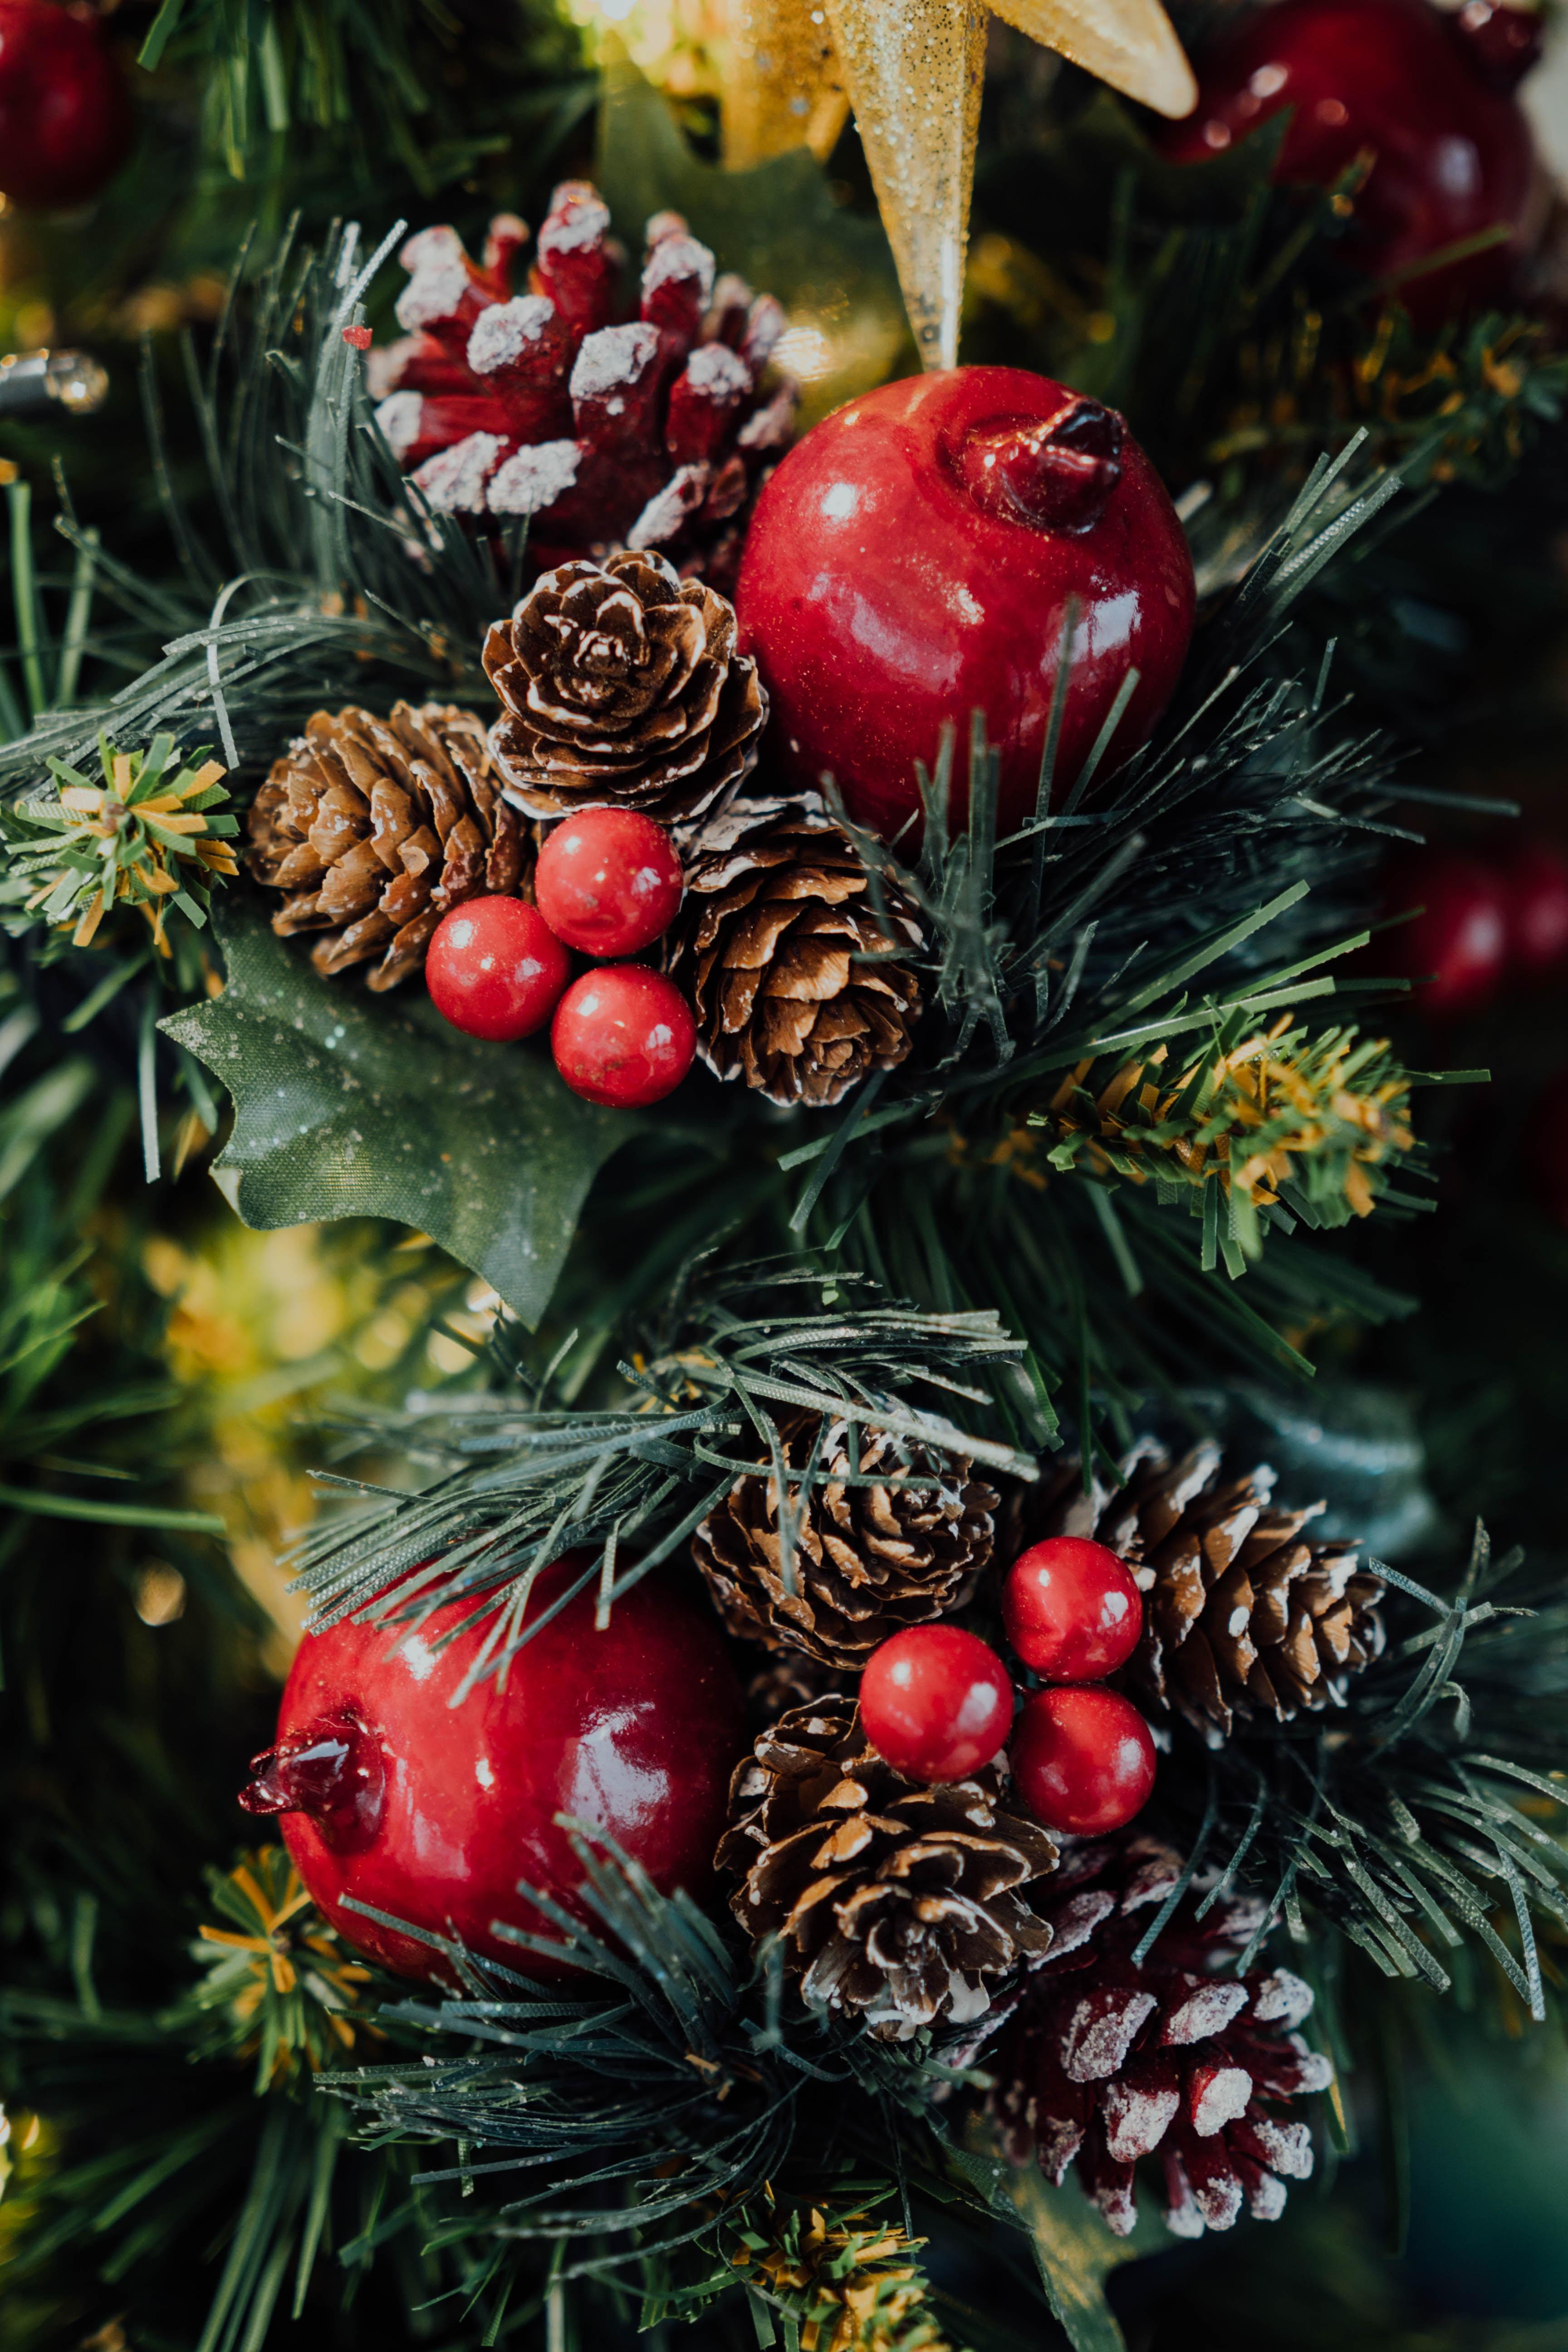 75368 скачать обои Праздники, Елка, Шишки, Новый Год, Рождество, Ягоды - заставки и картинки бесплатно